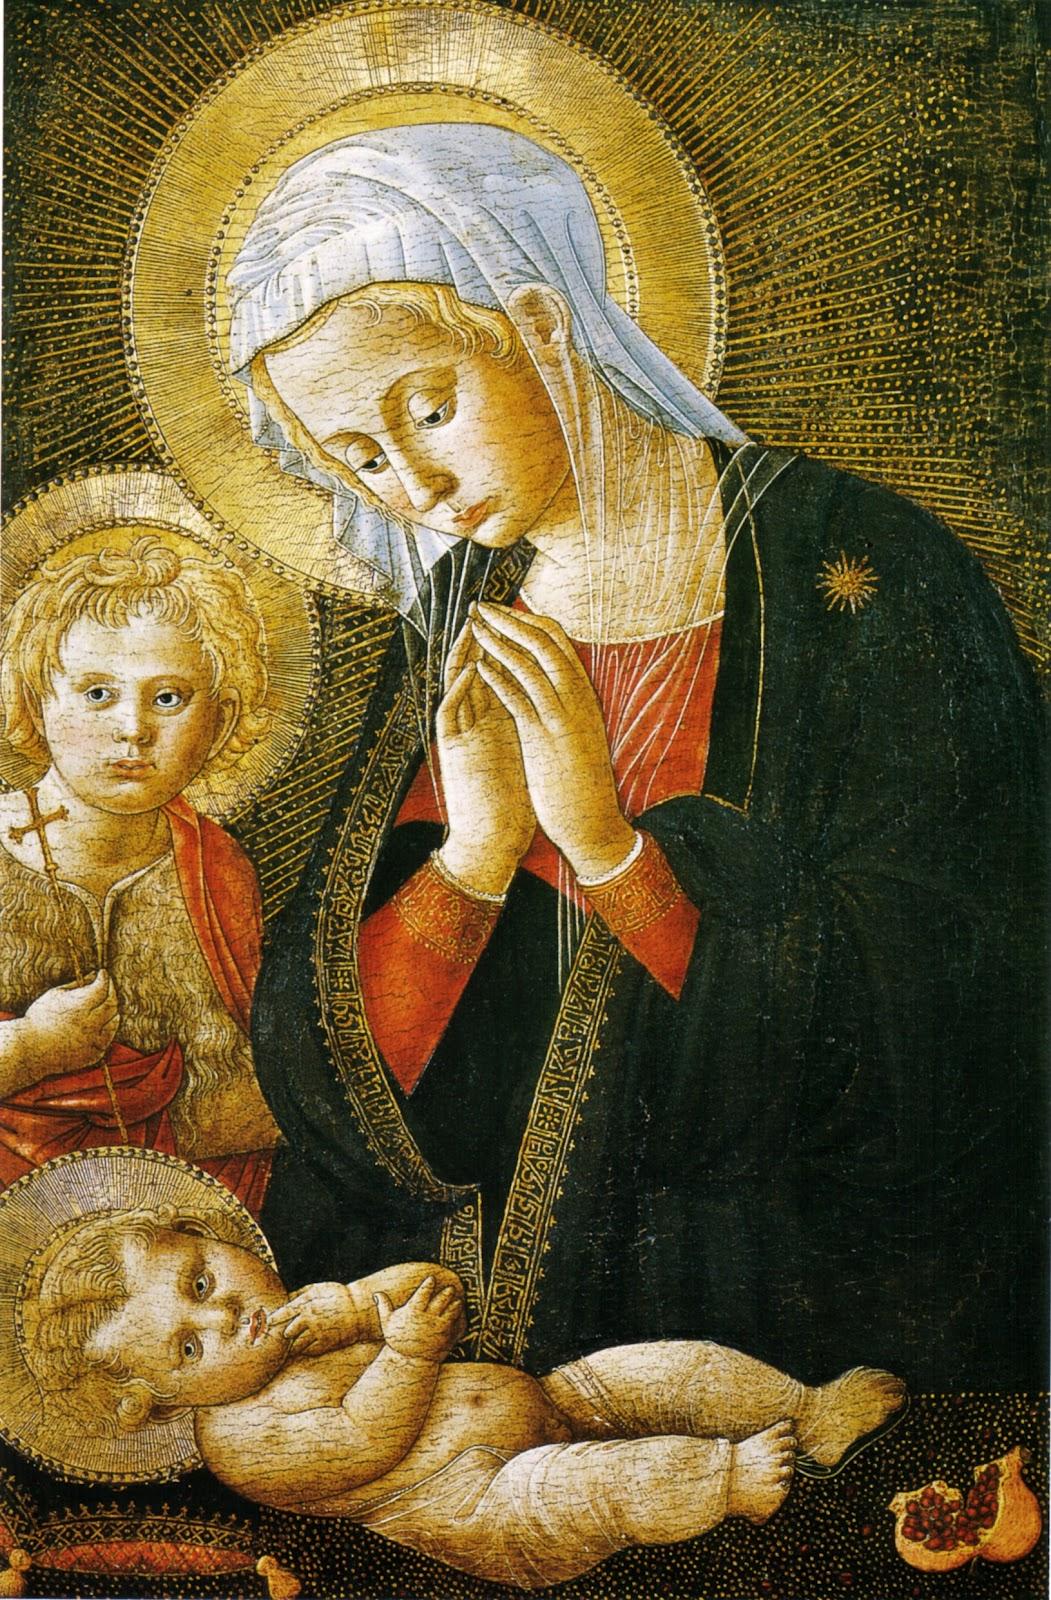 http://2.bp.blogspot.com/-MY1d-Y1pxEc/T-FGn7BeYSI/AAAAAAAA-EM/bGUhgTRyz1I/s1600/Pseudo+Pier+Francesco+Fiorentino+Madonna+and+Child+1460-80+Uffizi.jpg